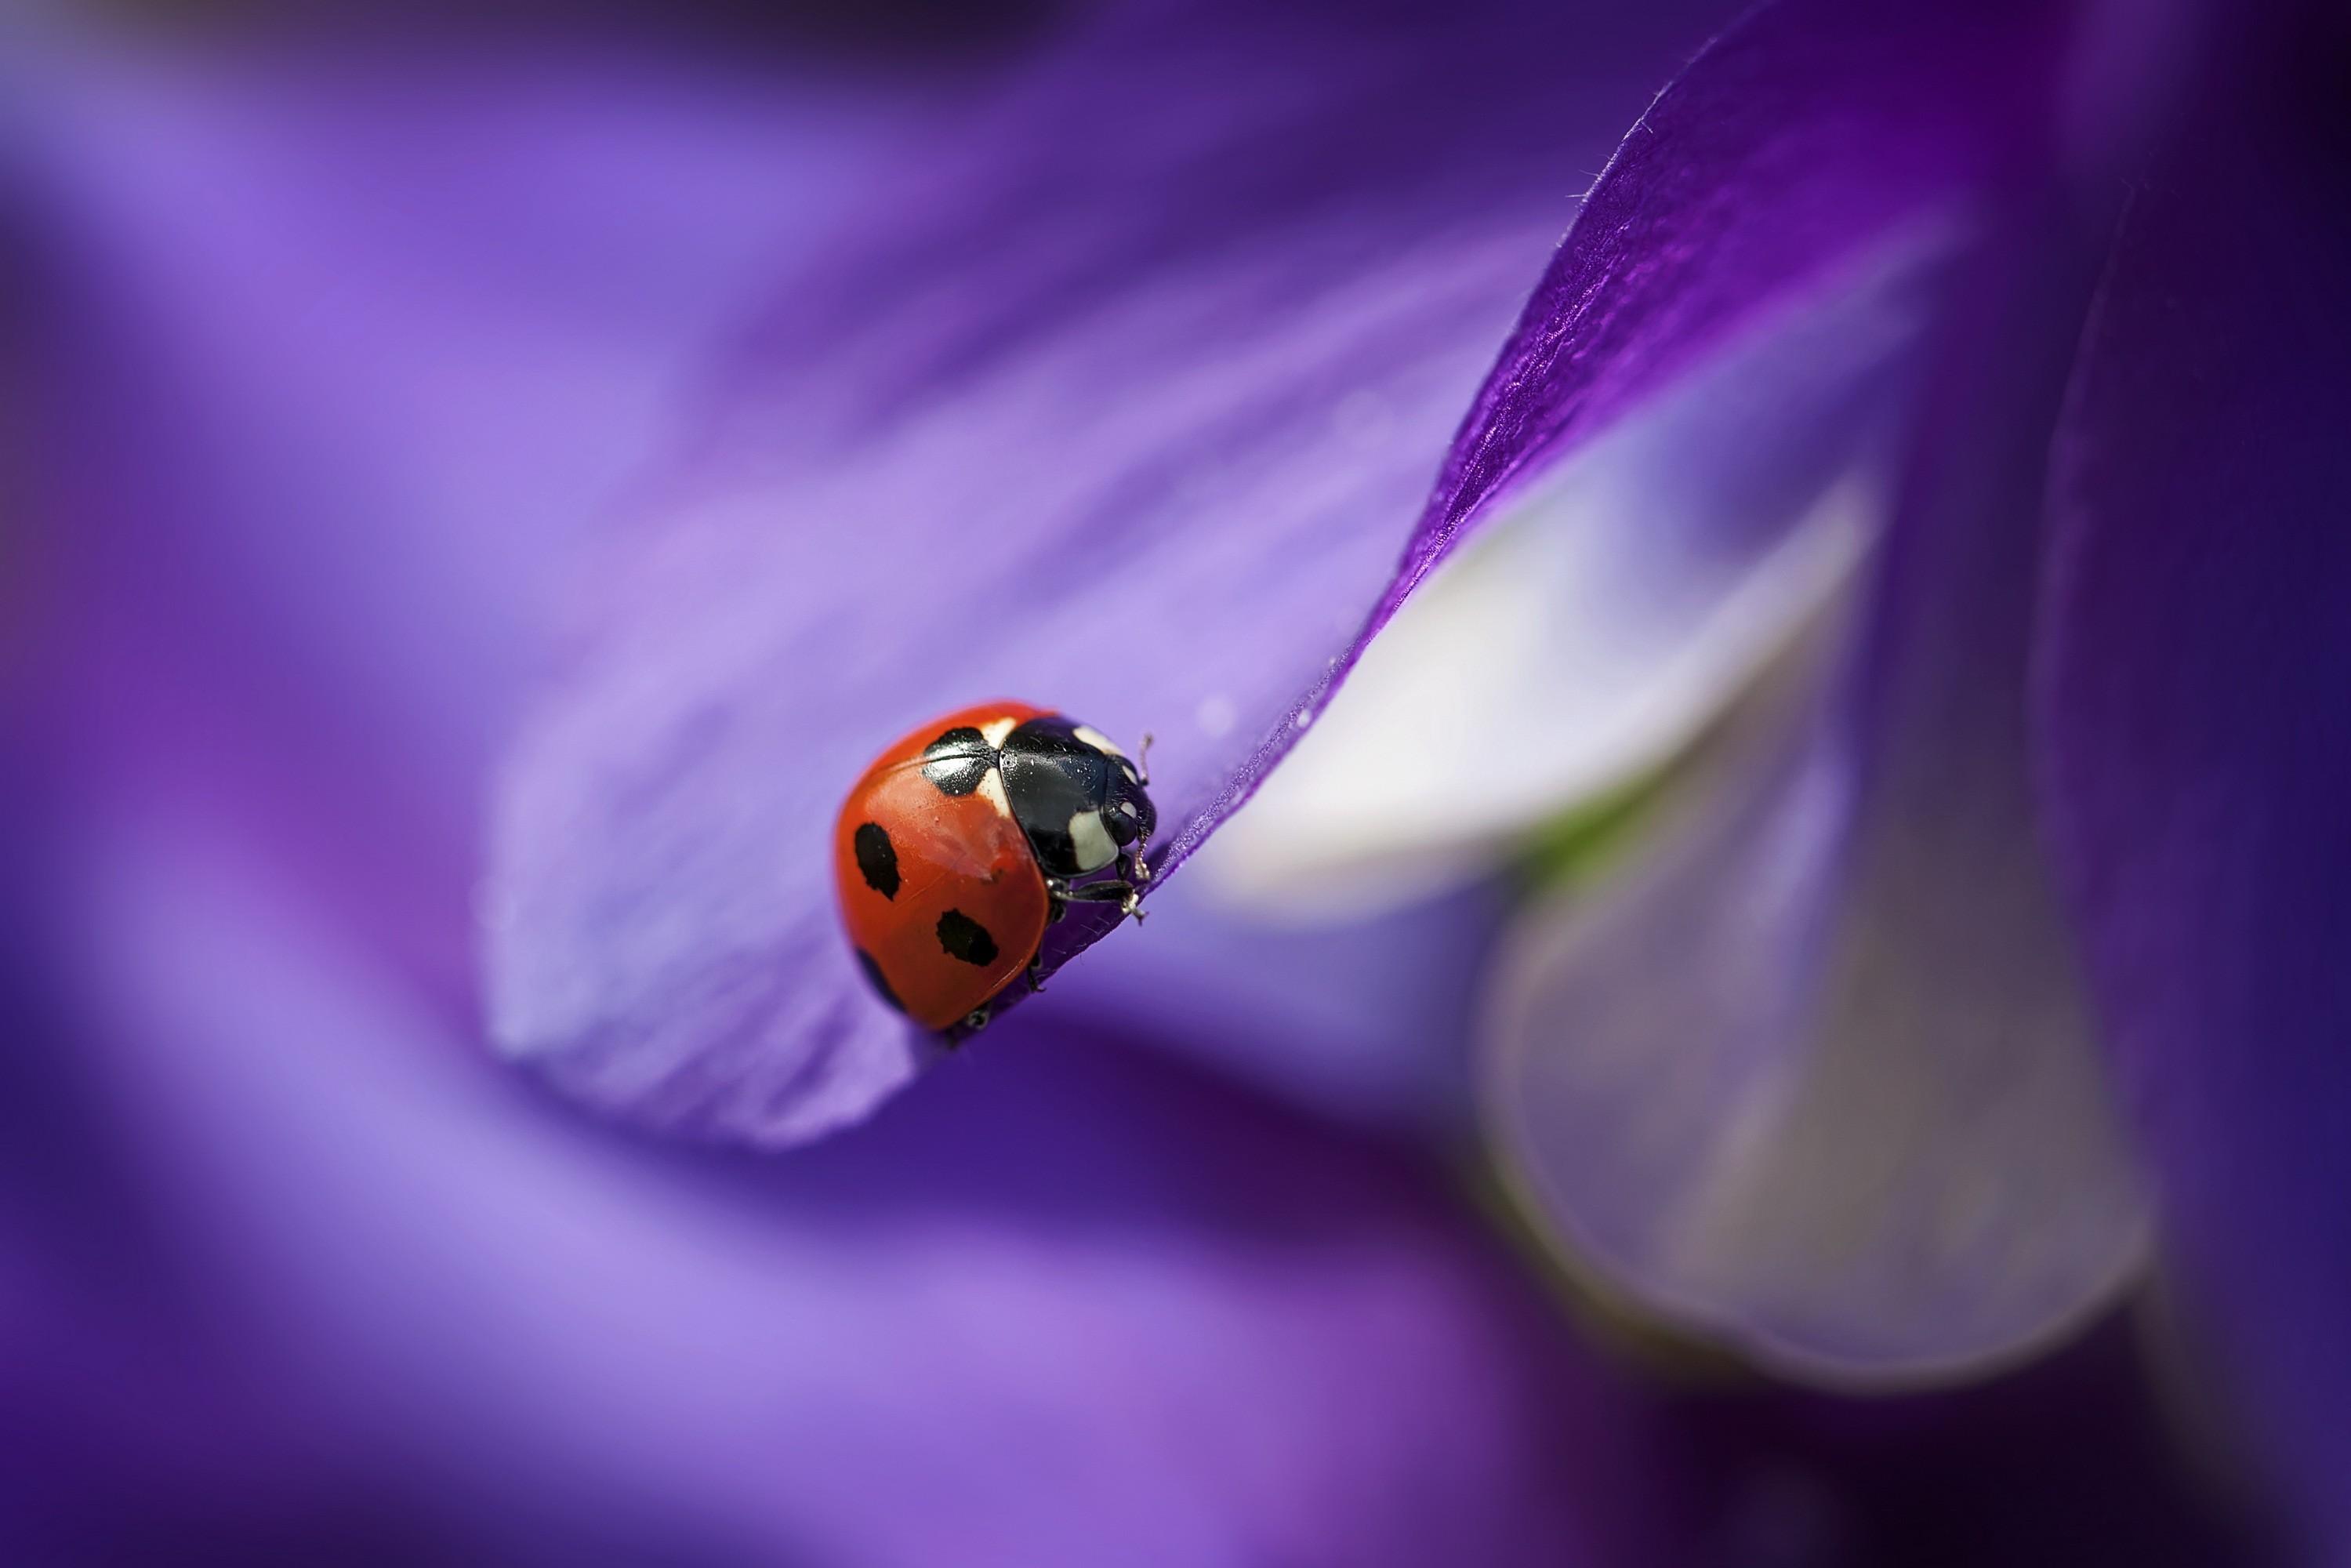 природа божья коровка цветок макро насекомое животное  № 3856272 бесплатно